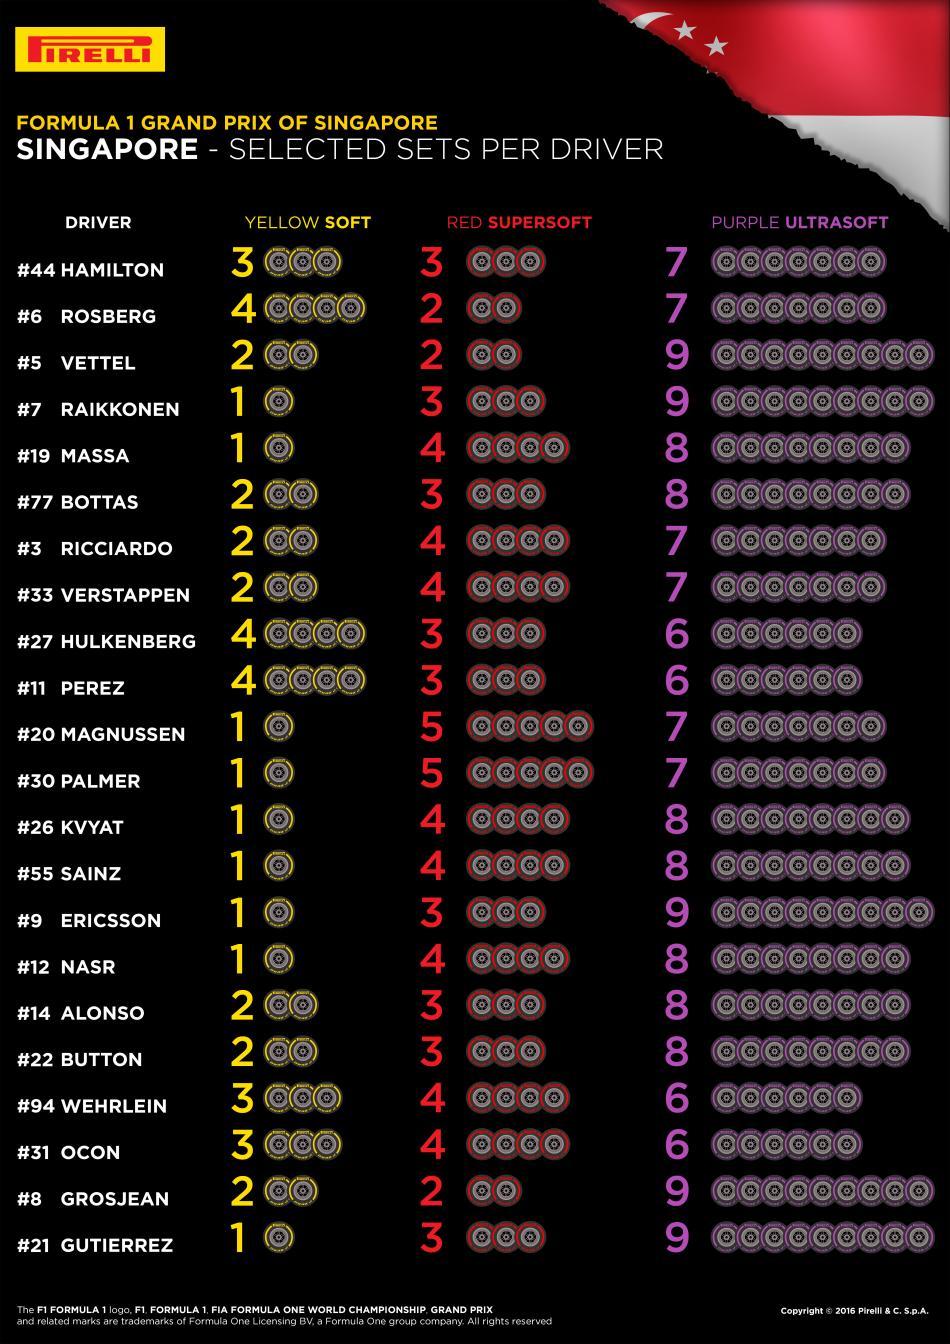 http://www.fia.com/sites/default/files/styles/content_details/public/news/main_image/15-singapore-selected-sets-per-driver-4k-en.jpg?itok=GsCdHL1P